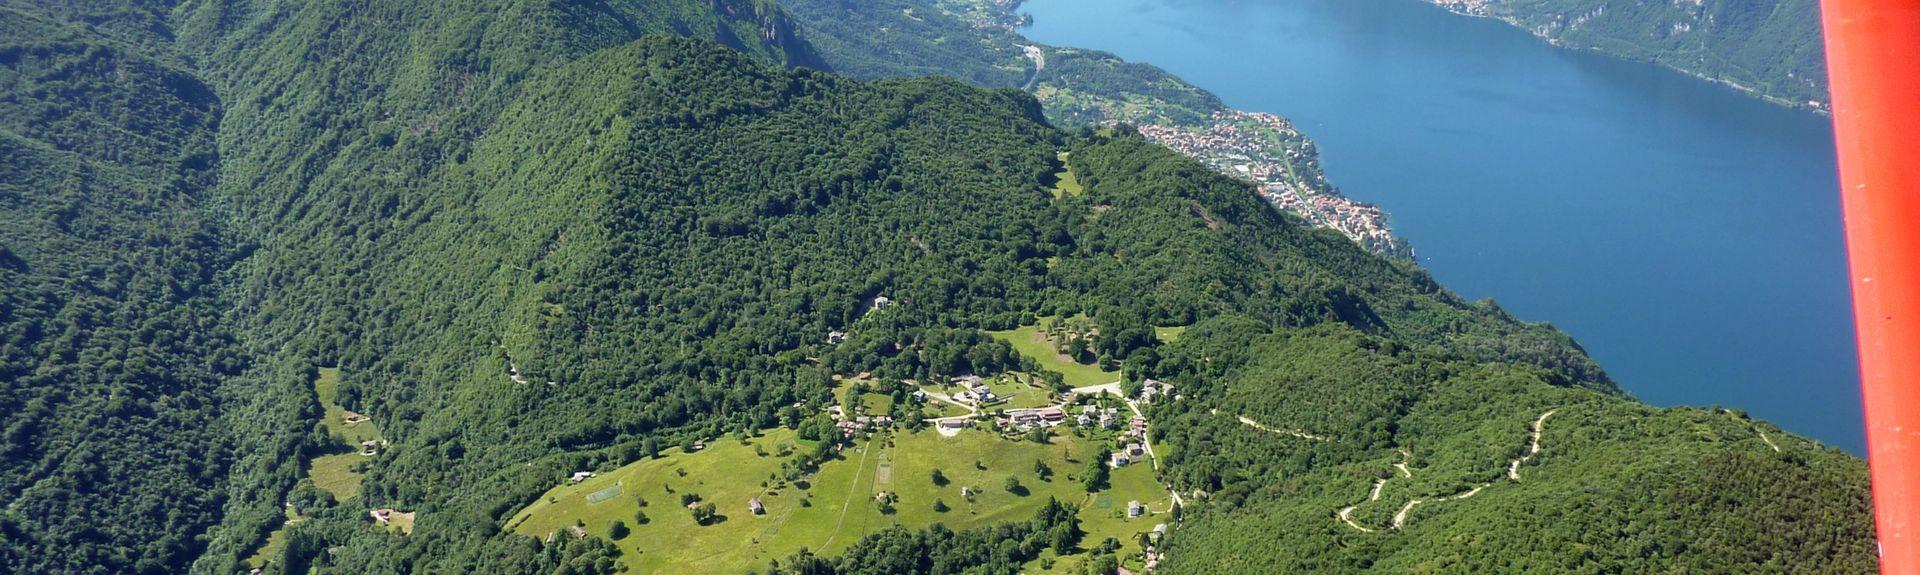 Ponna, Lombardia, Italy